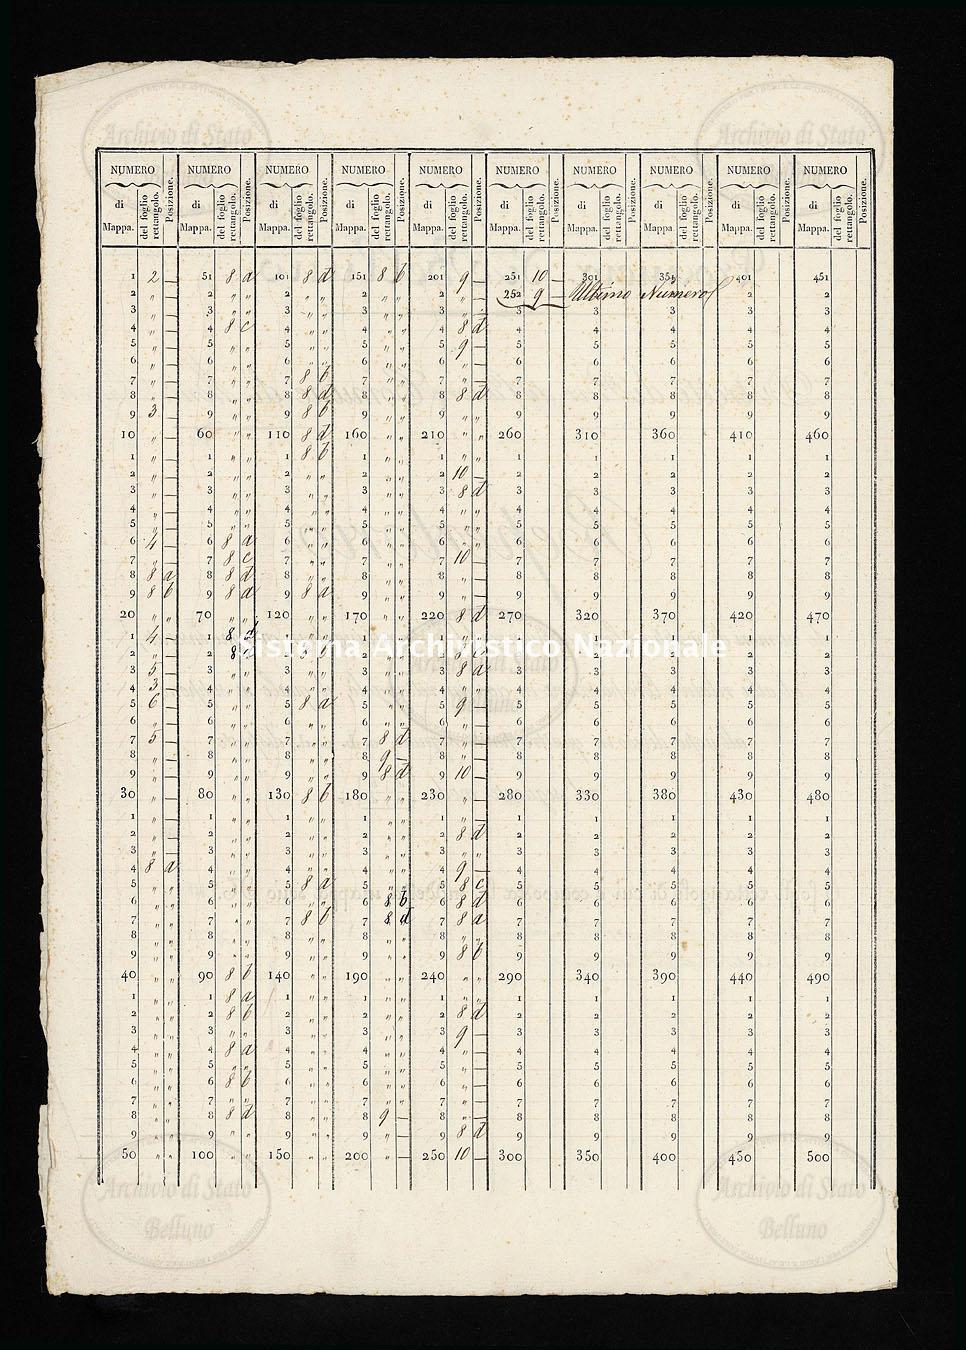 Archivio di Stato di Belluno, Censo stabile attivato, Mappe, Mappe II conservazione, Comune censuario 128 Monte Bajon